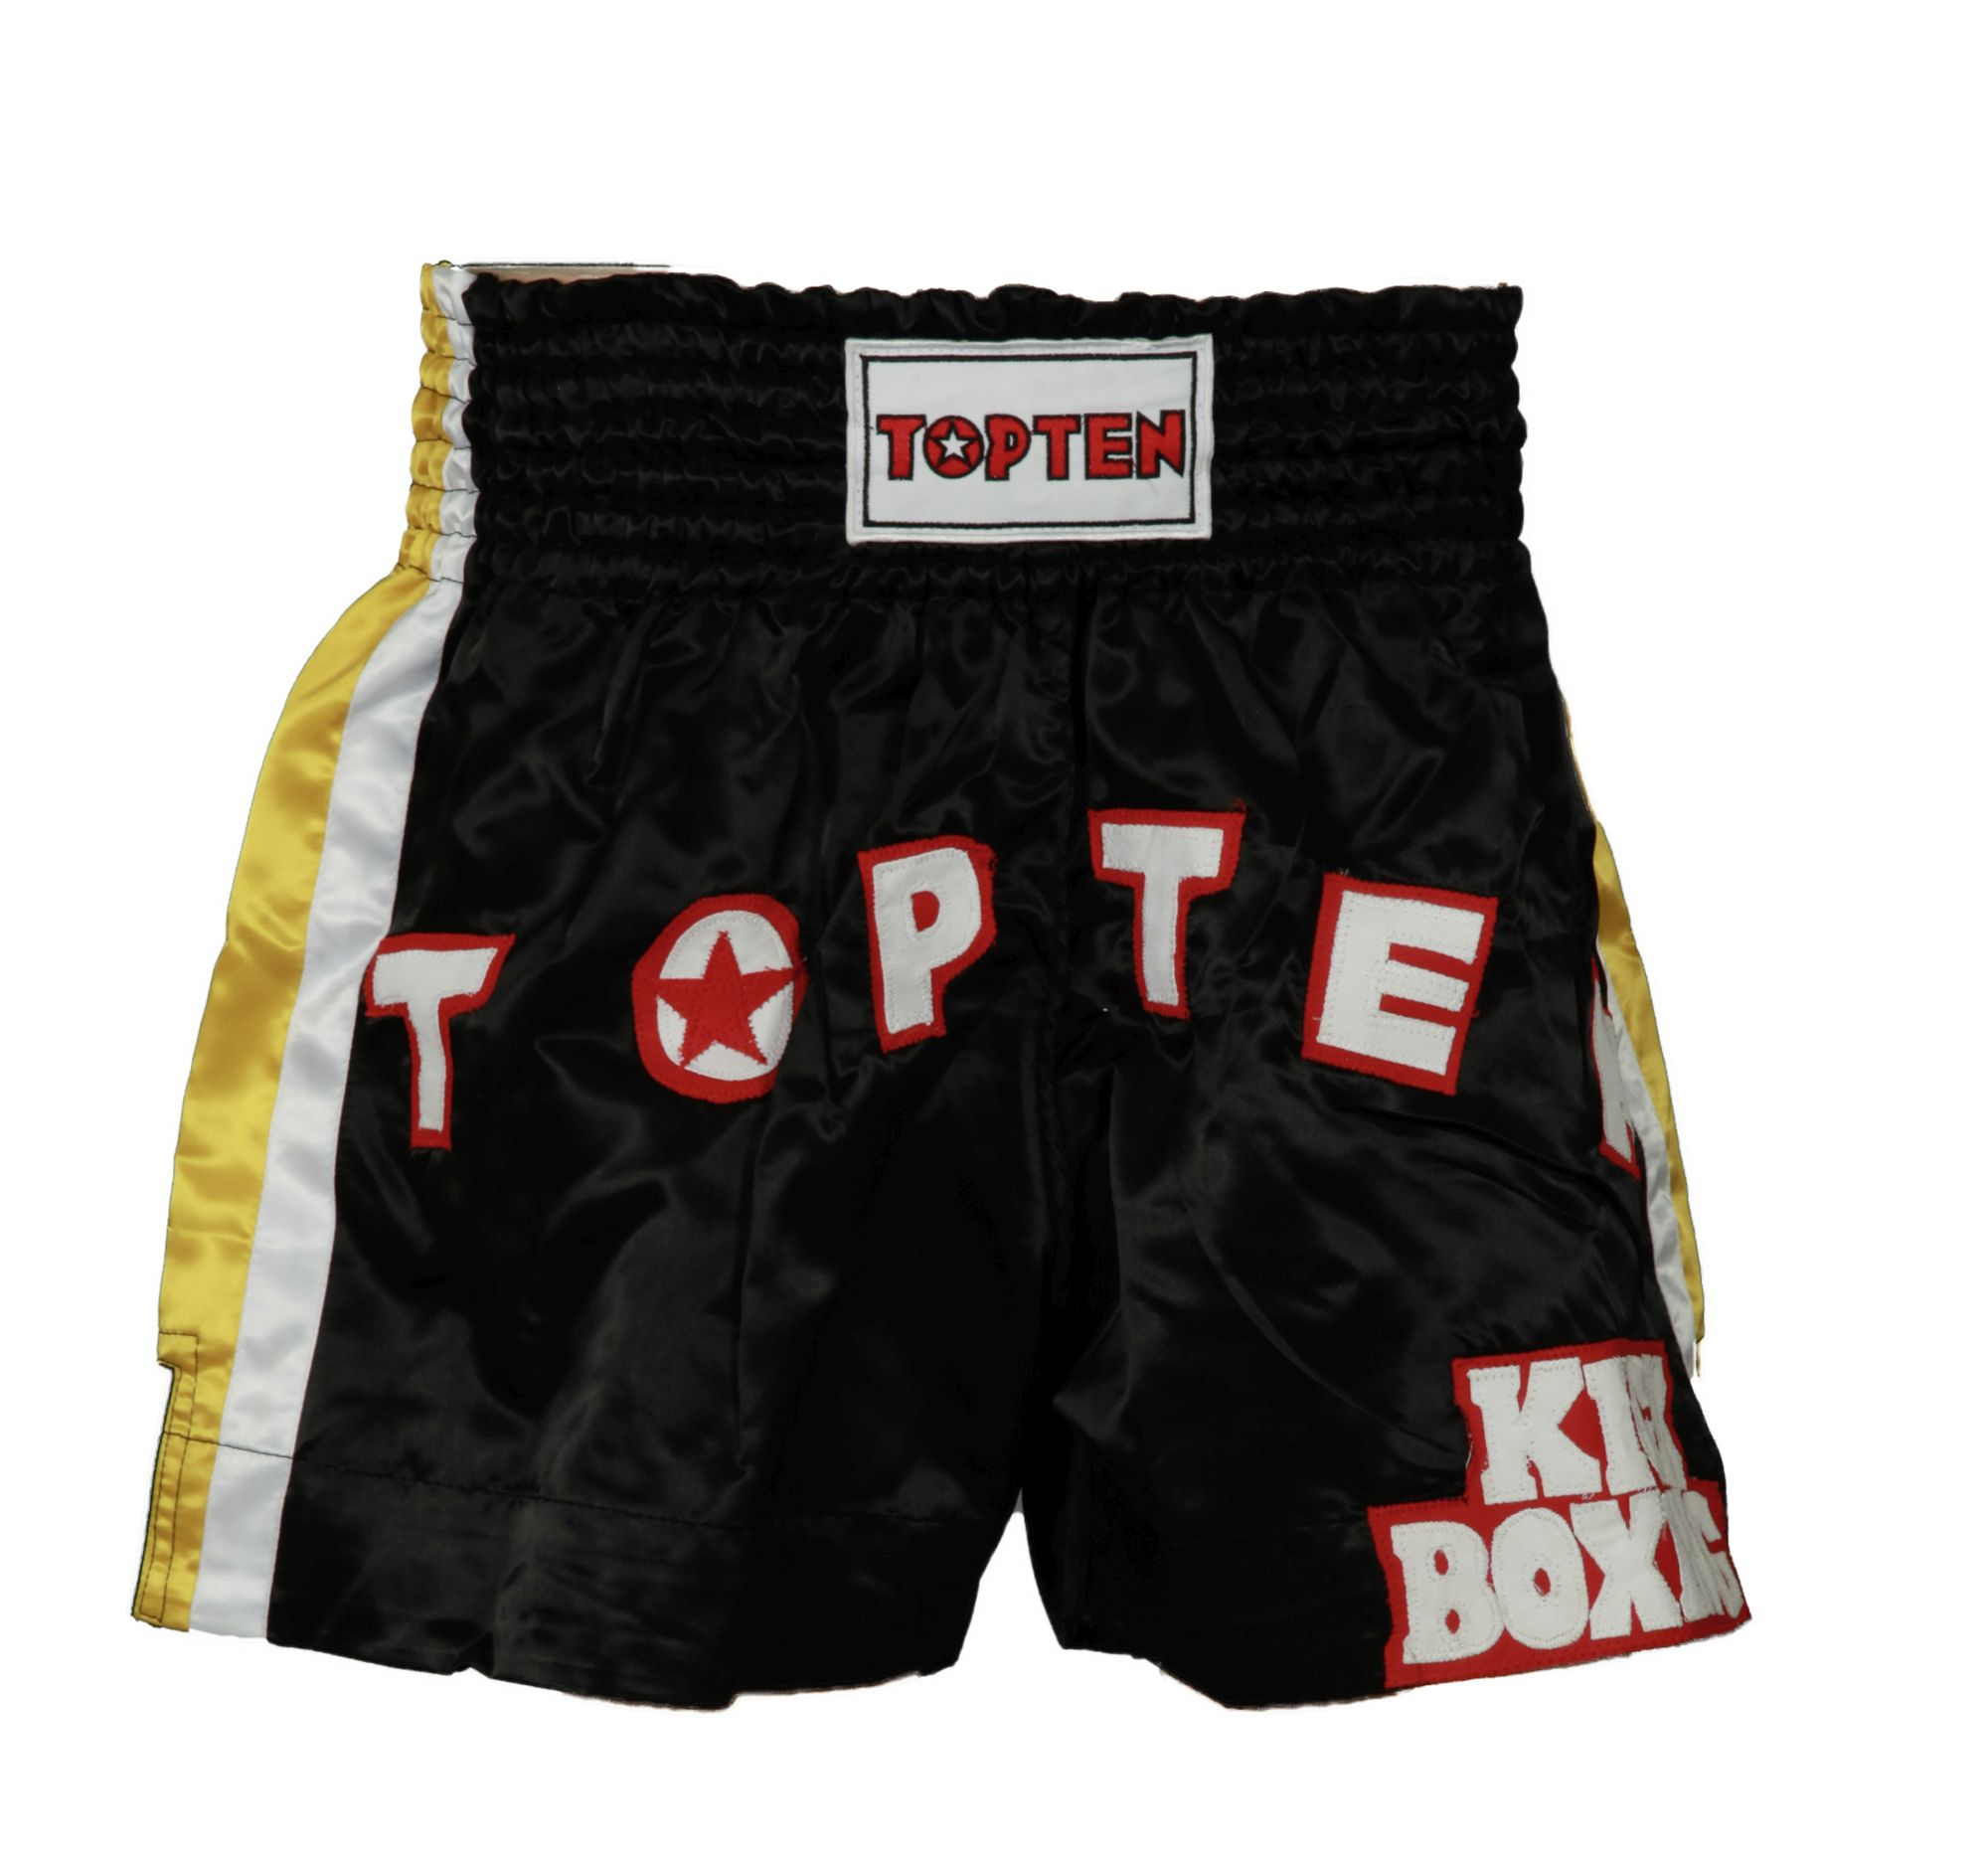 """TOP TEN Kickboksbroekje """"TOP TEN Kickboxing"""" Zwart - Geel"""